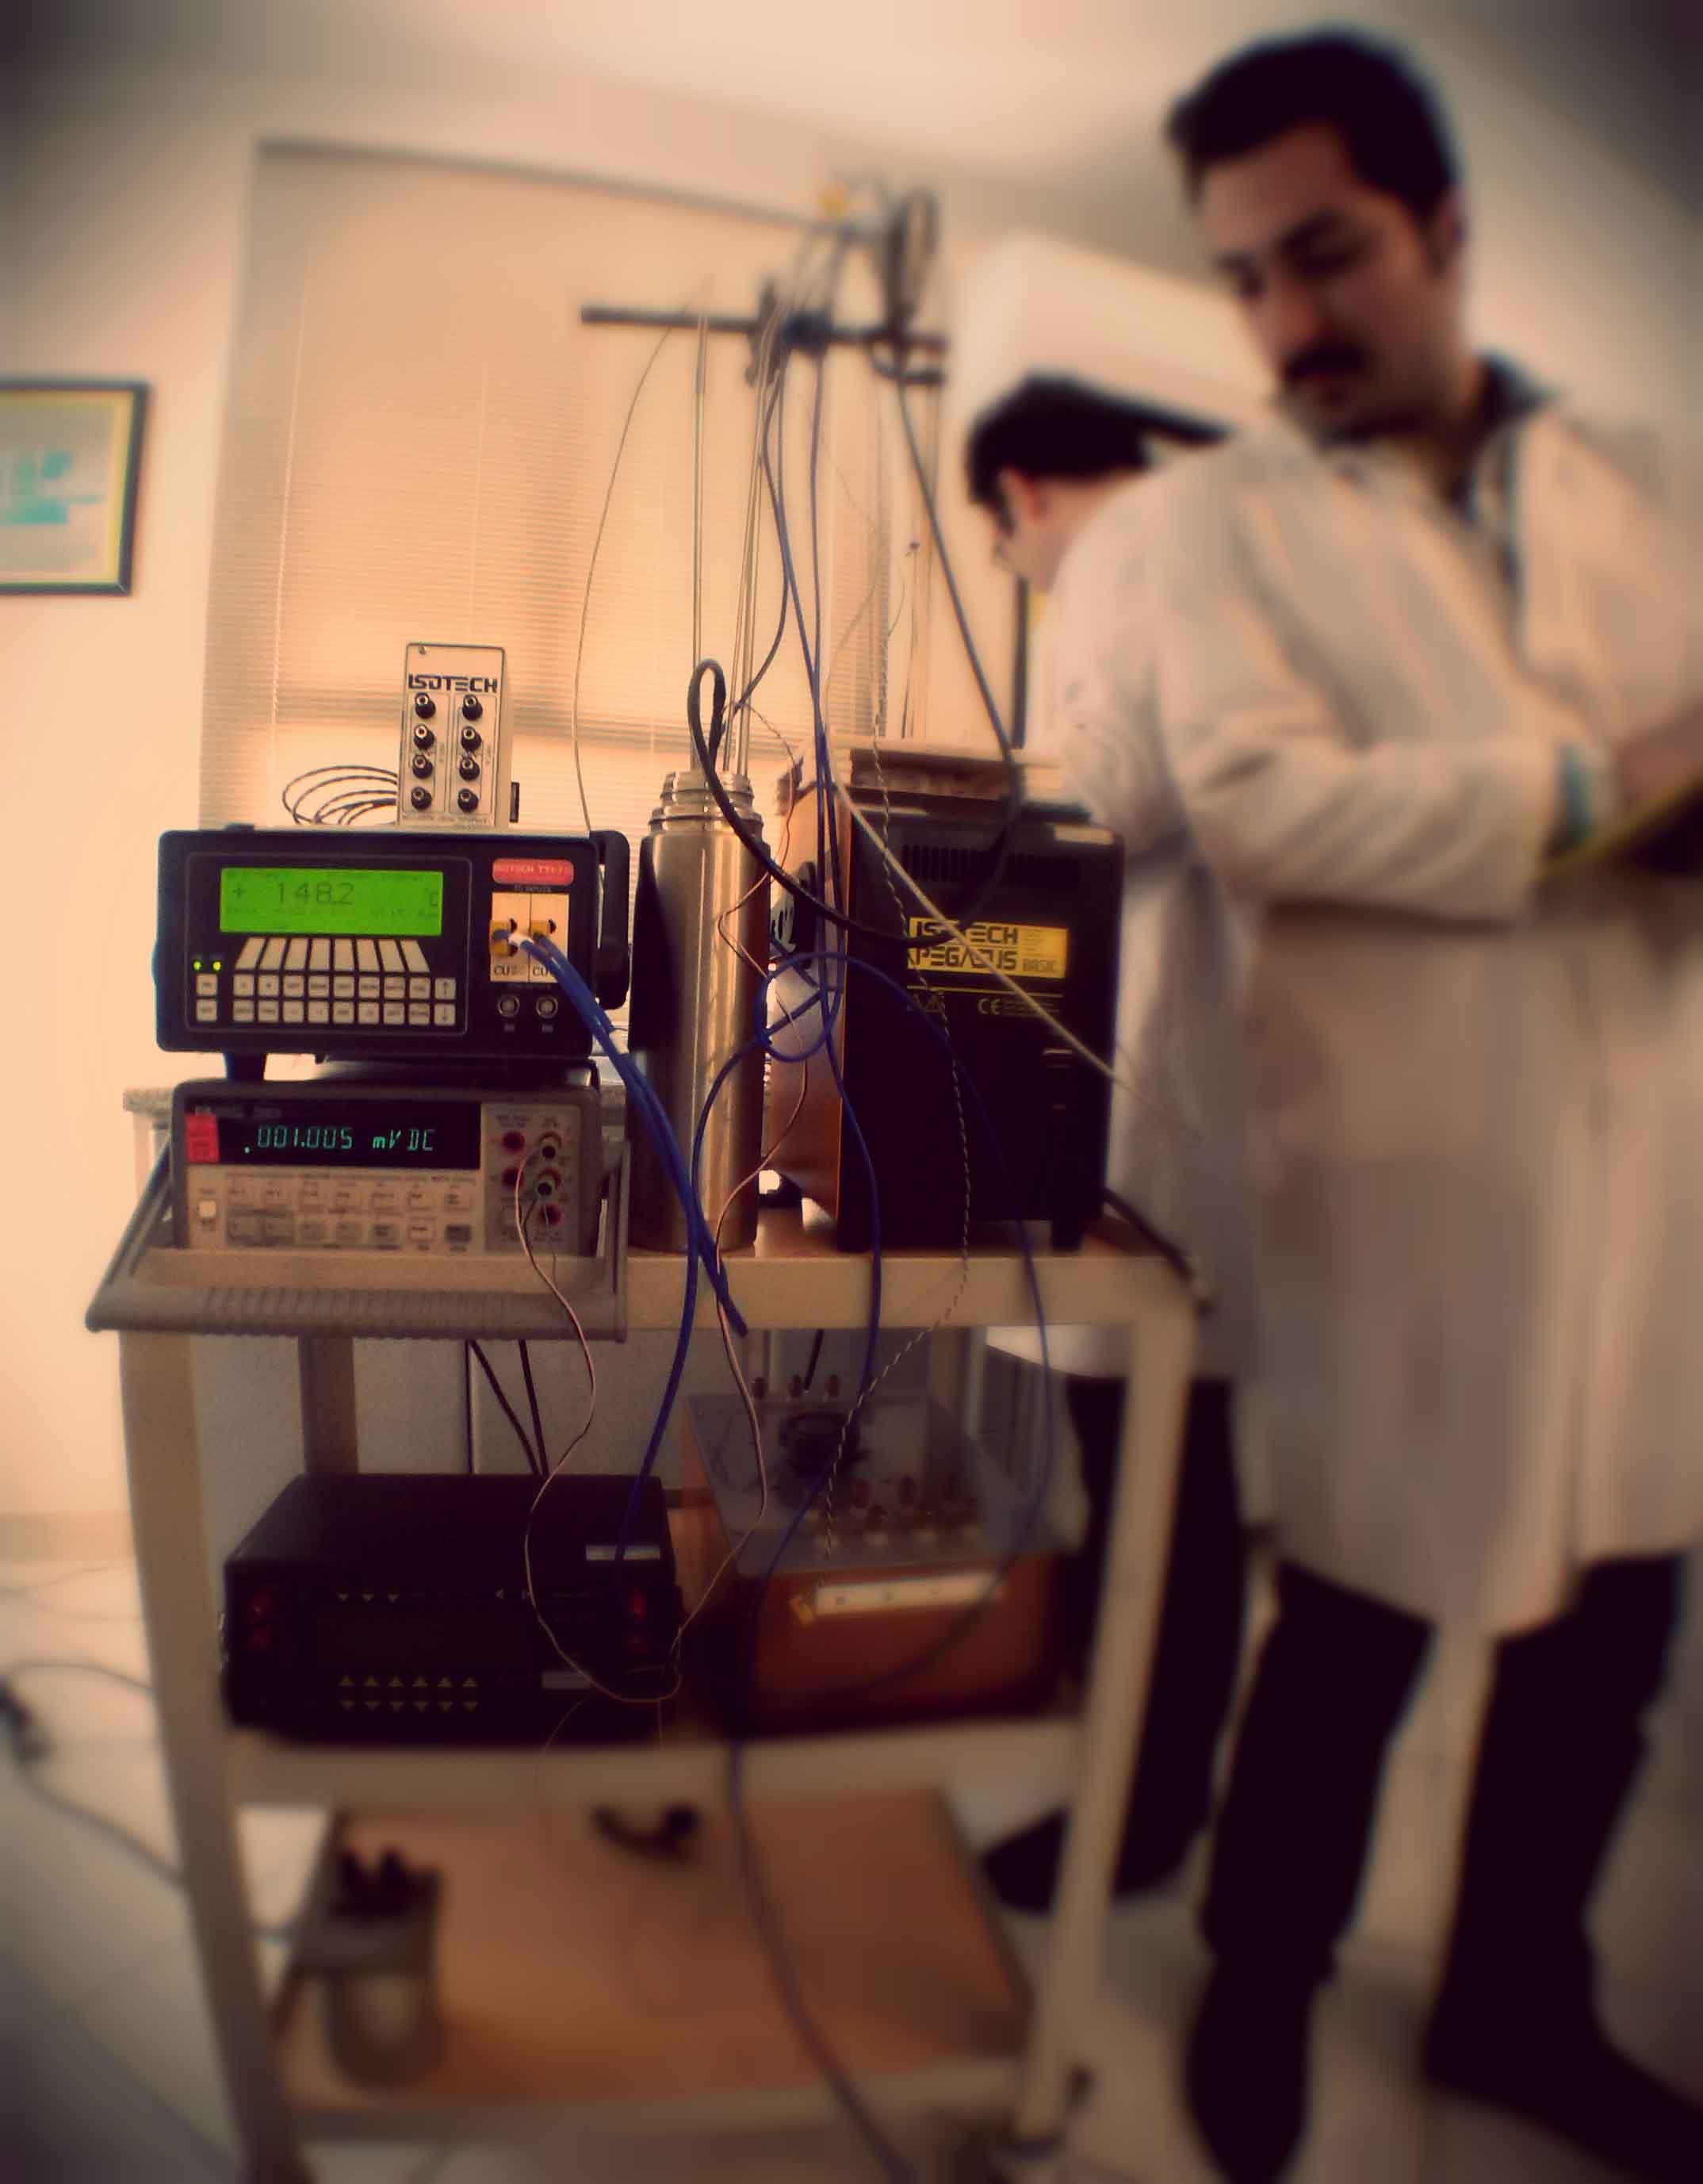 آزمایشگاه کالیبراسیون دما